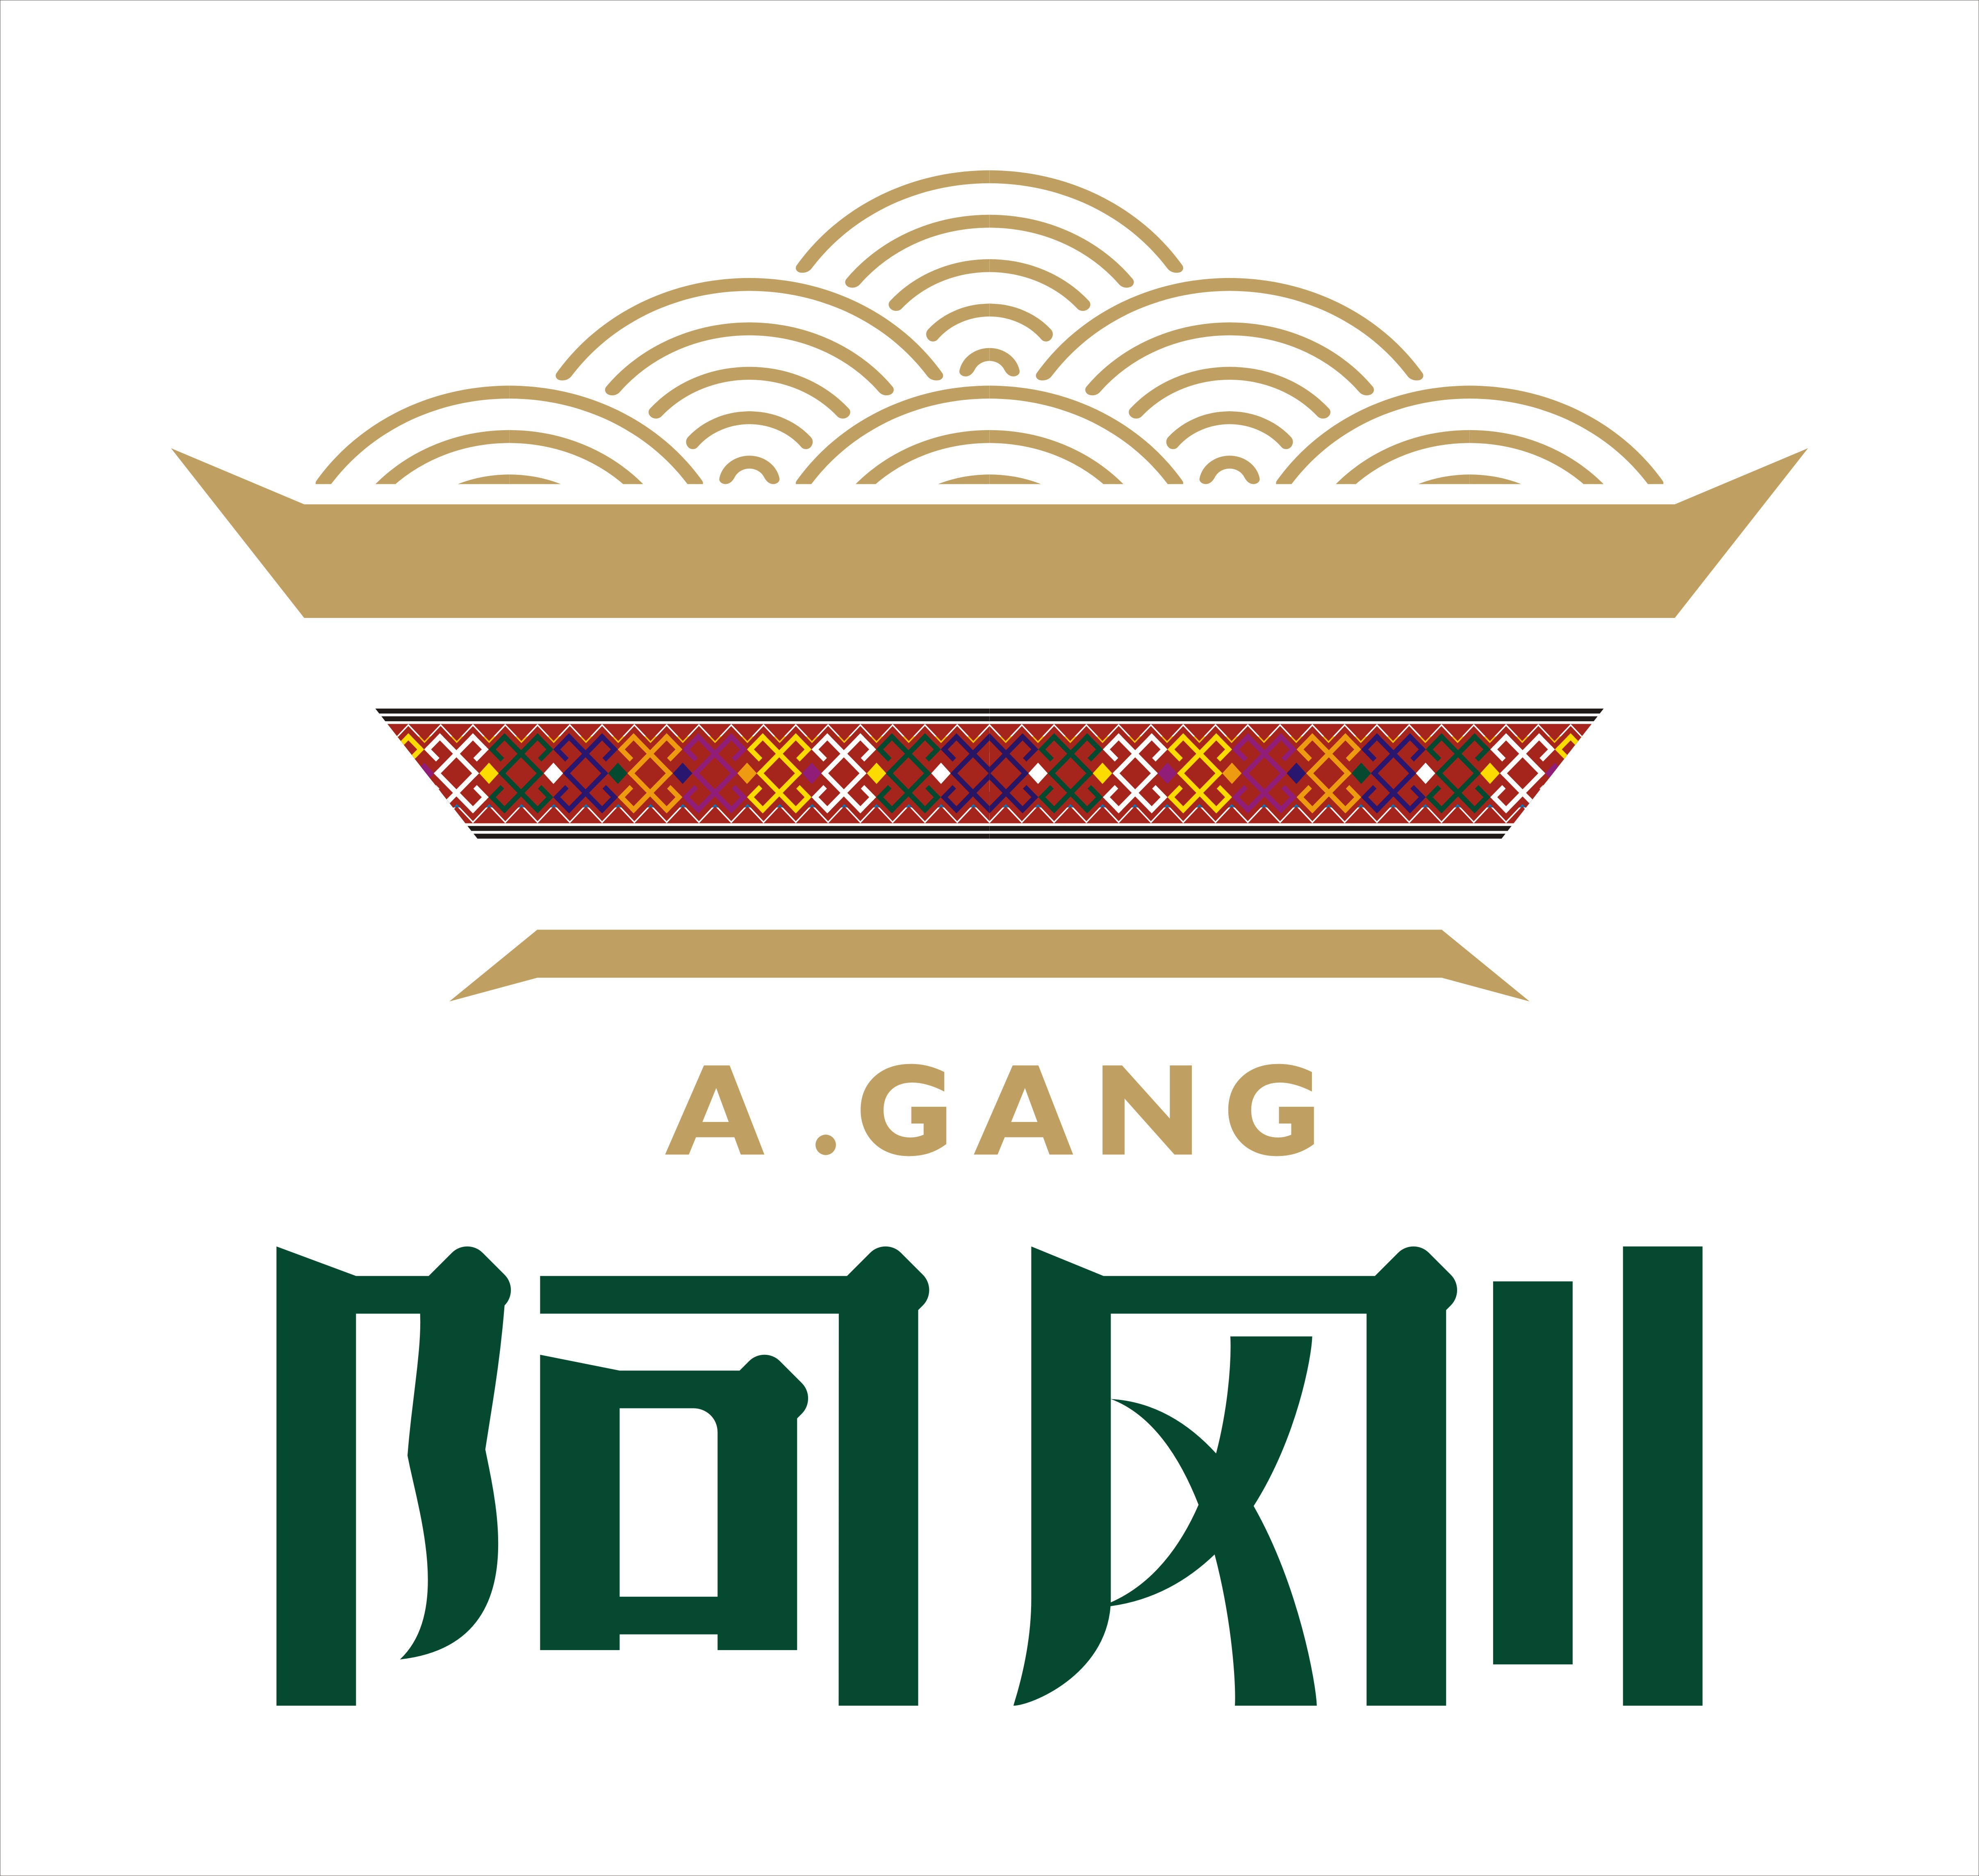 logo logo 标志 设计 矢量 矢量图 素材 图标 4827_4575